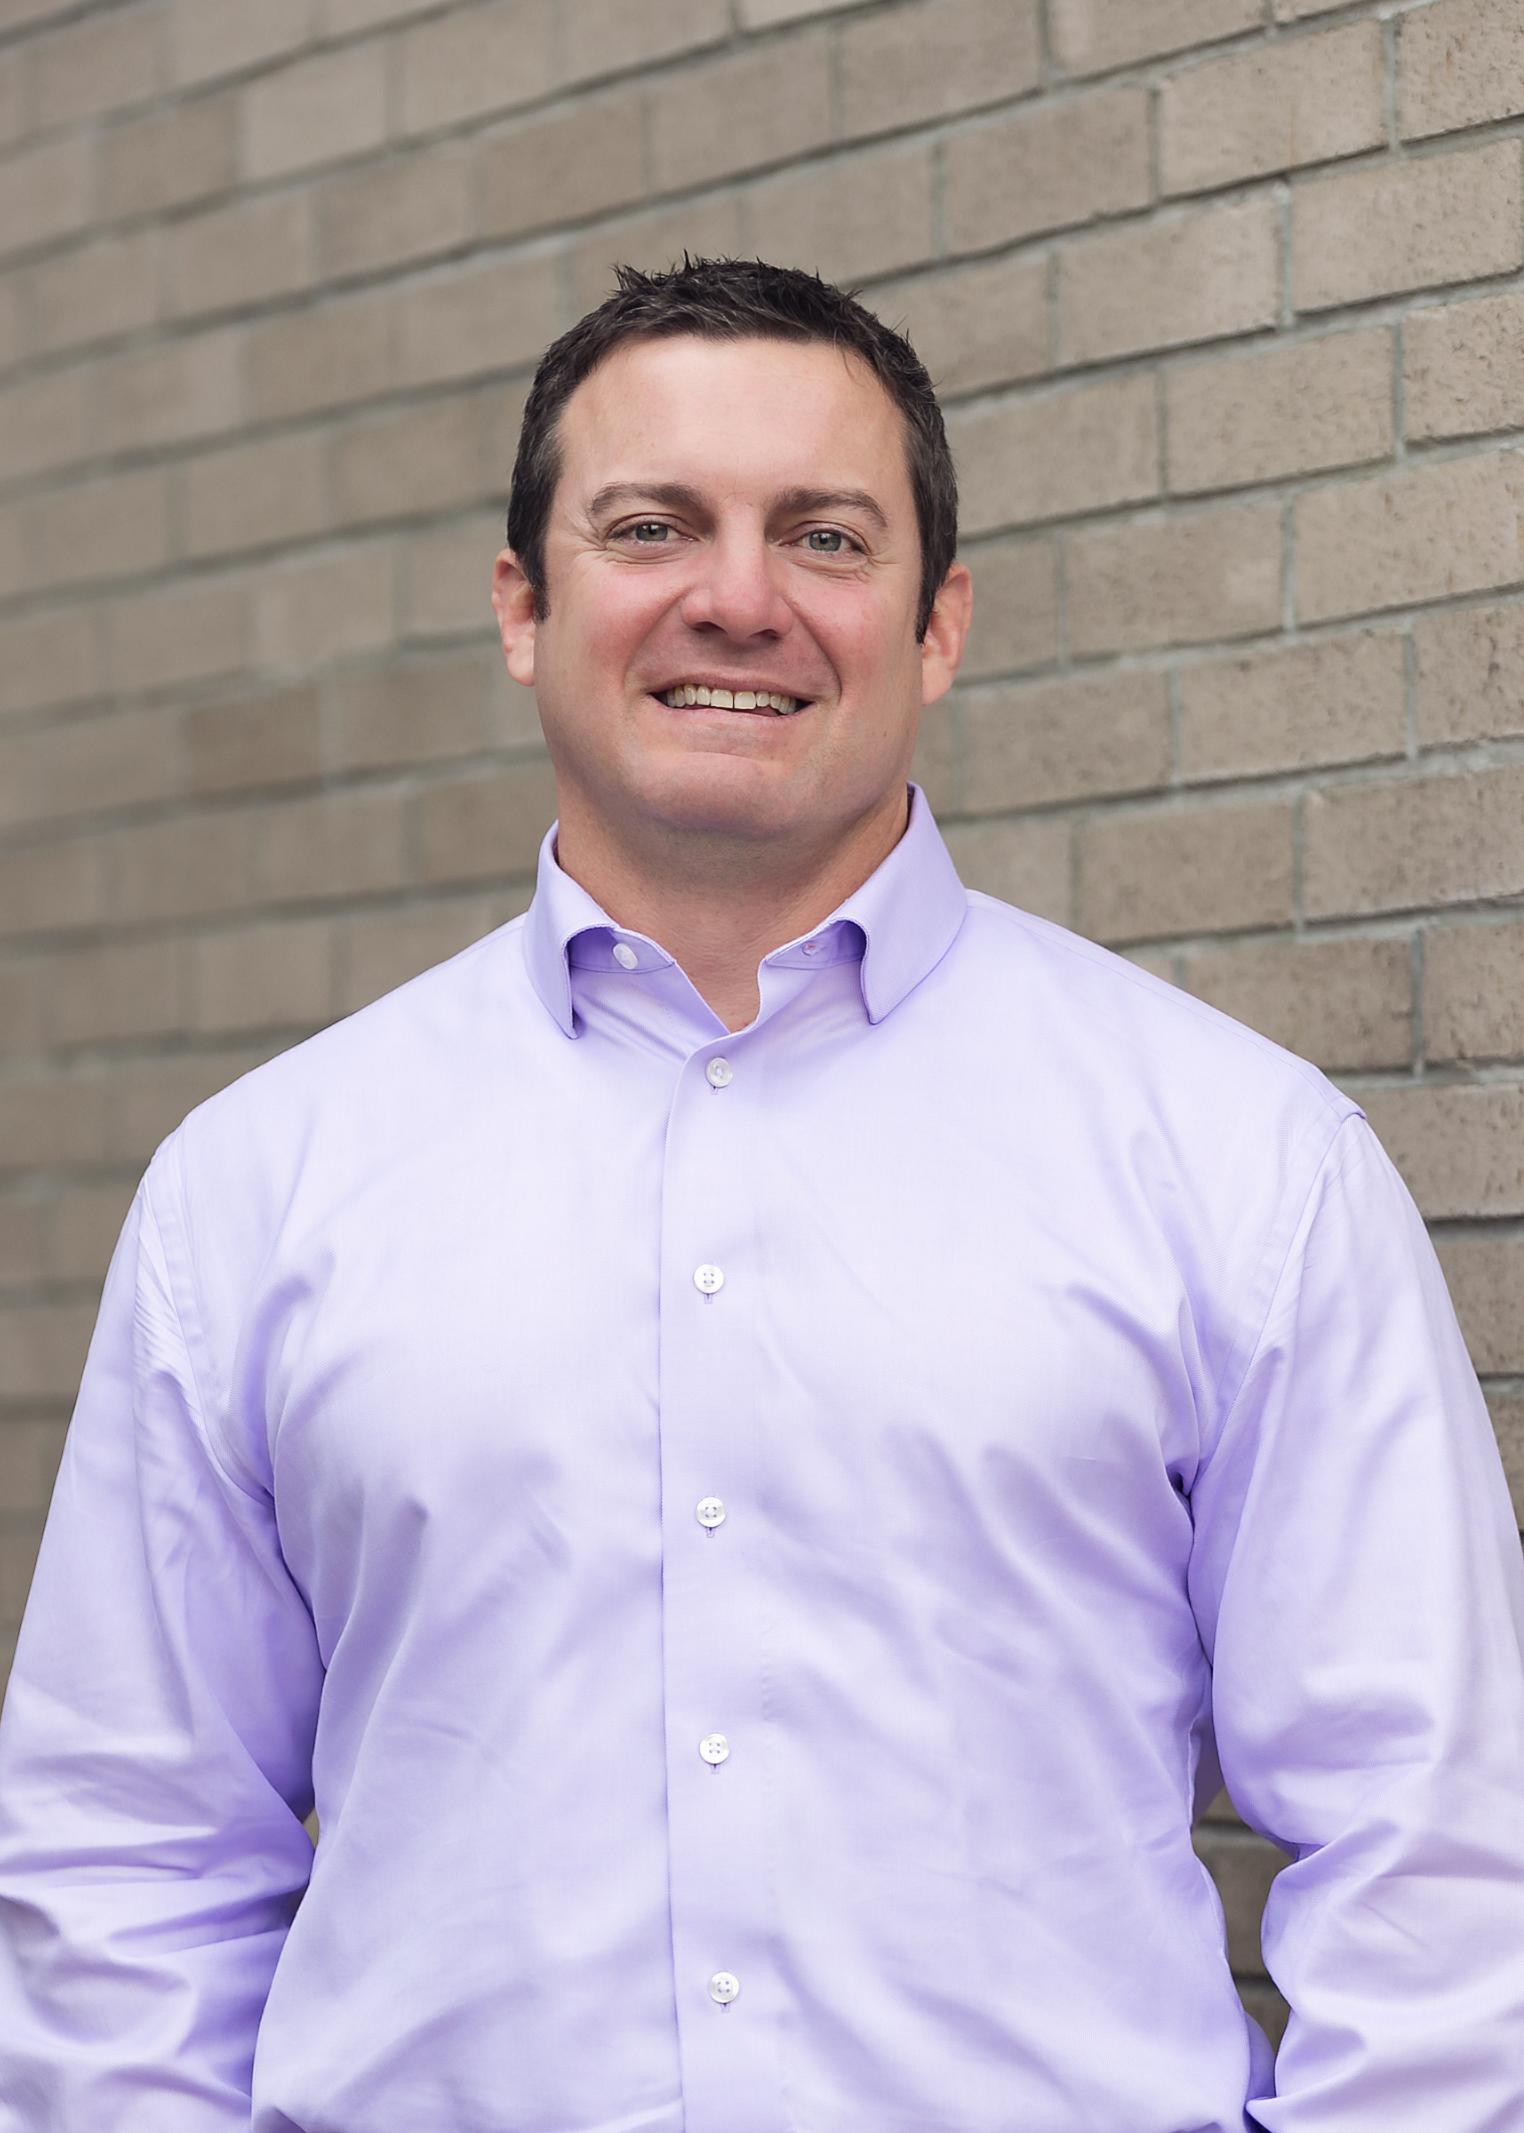 Scott Shier, Director of Business Development